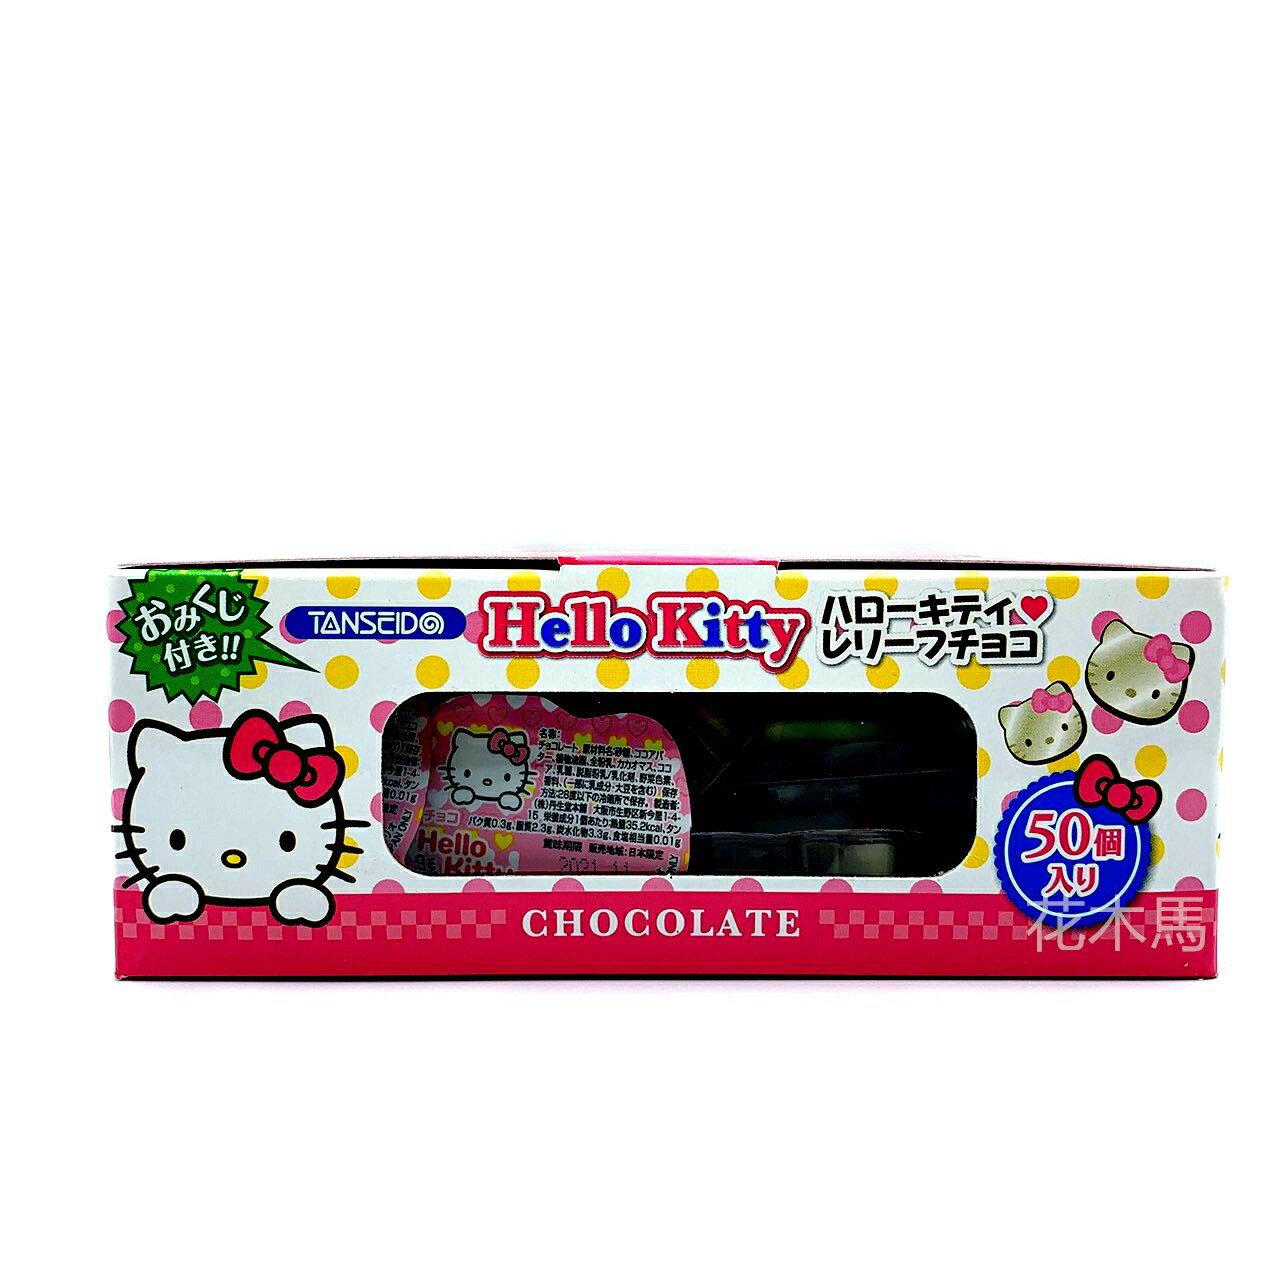 丹生堂 KT巧克力 布丁狗巧克力 300g 巧克力 TANSEIDO